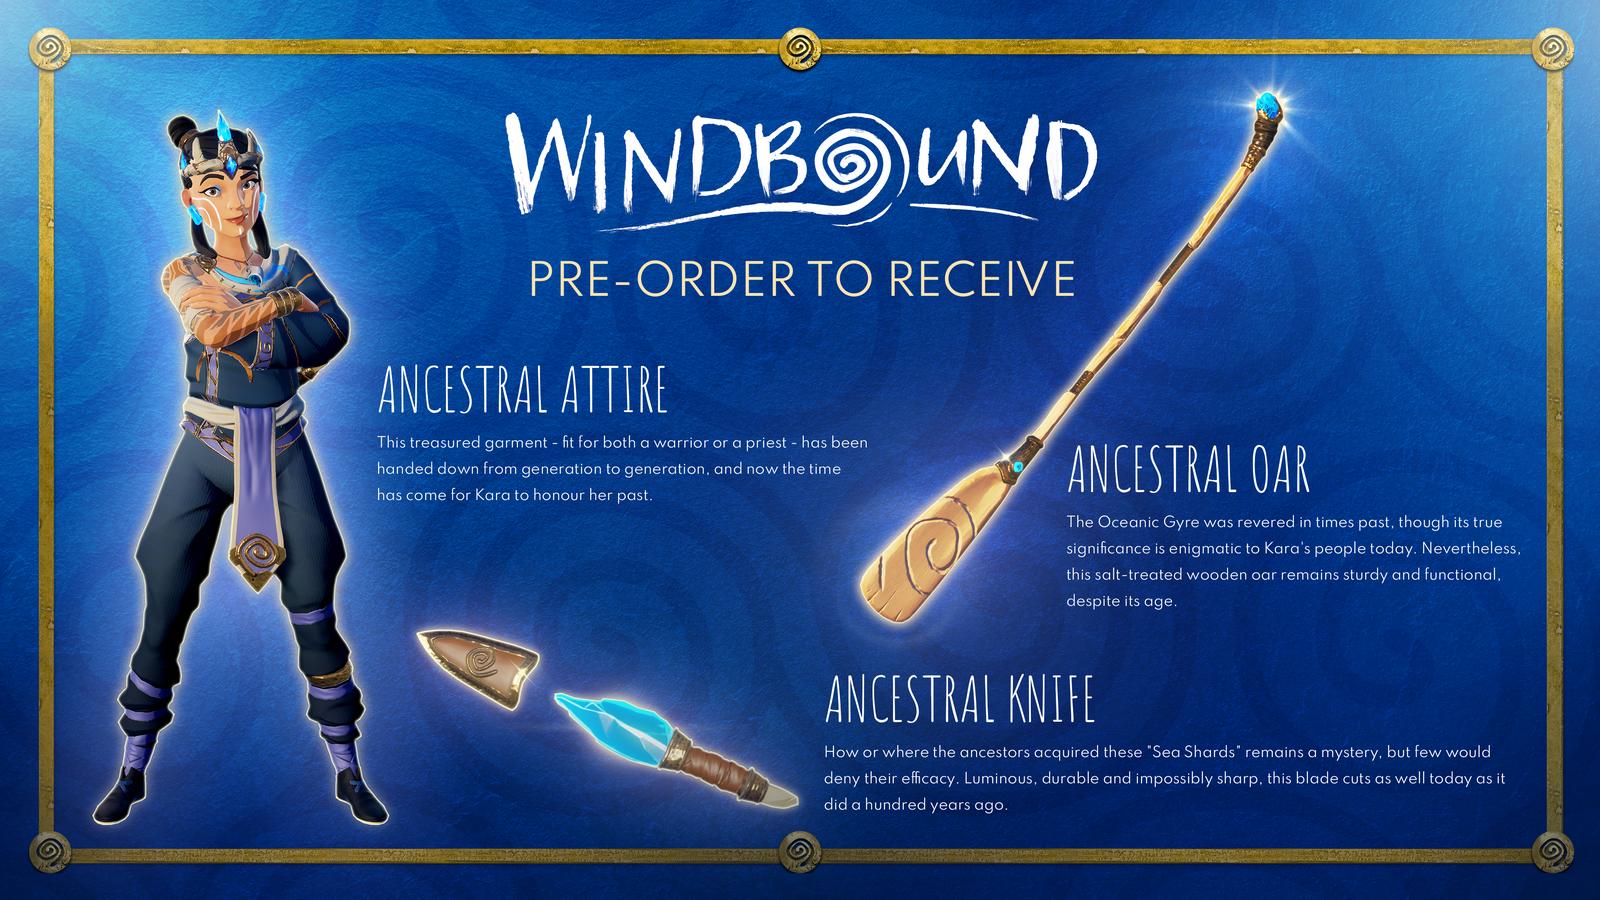 ¡Las pre-ordenes de Windbound ya están disponibles! 1